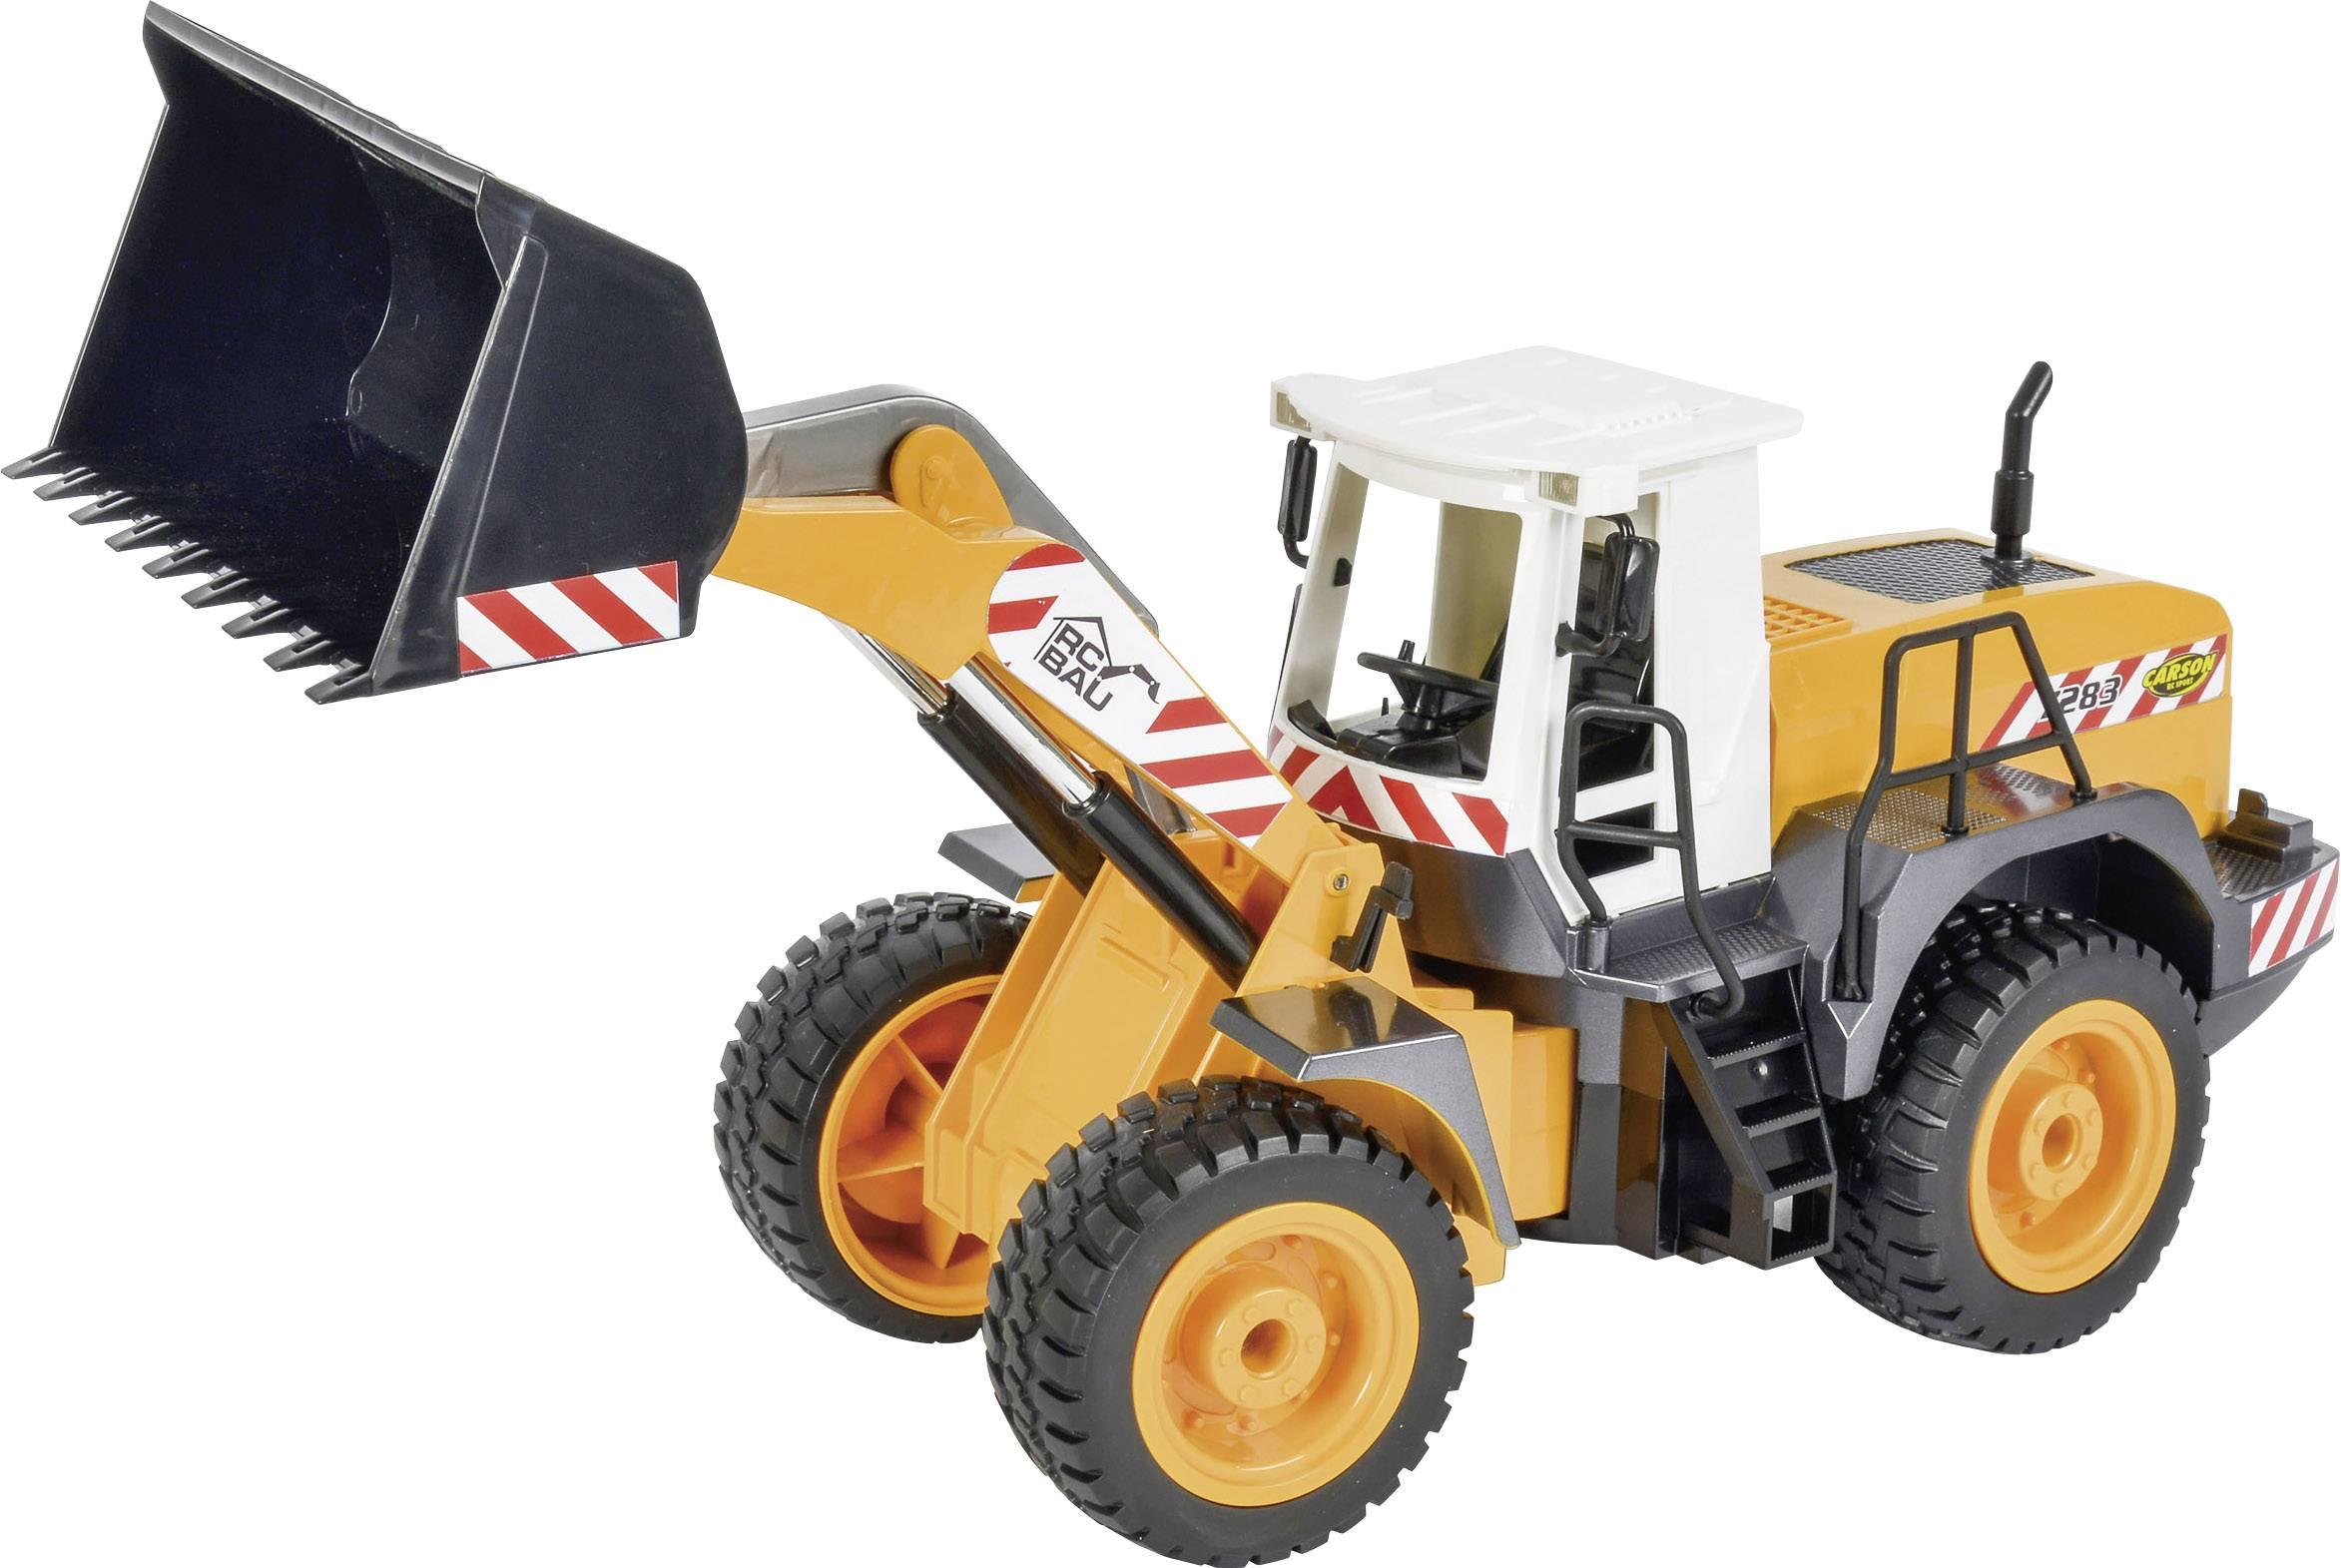 Carson RC Sport Utovarivač 1:20 rc funkcijski model za početnike građevinsko vozilo uklj. baterija, punjač i odašiljačka